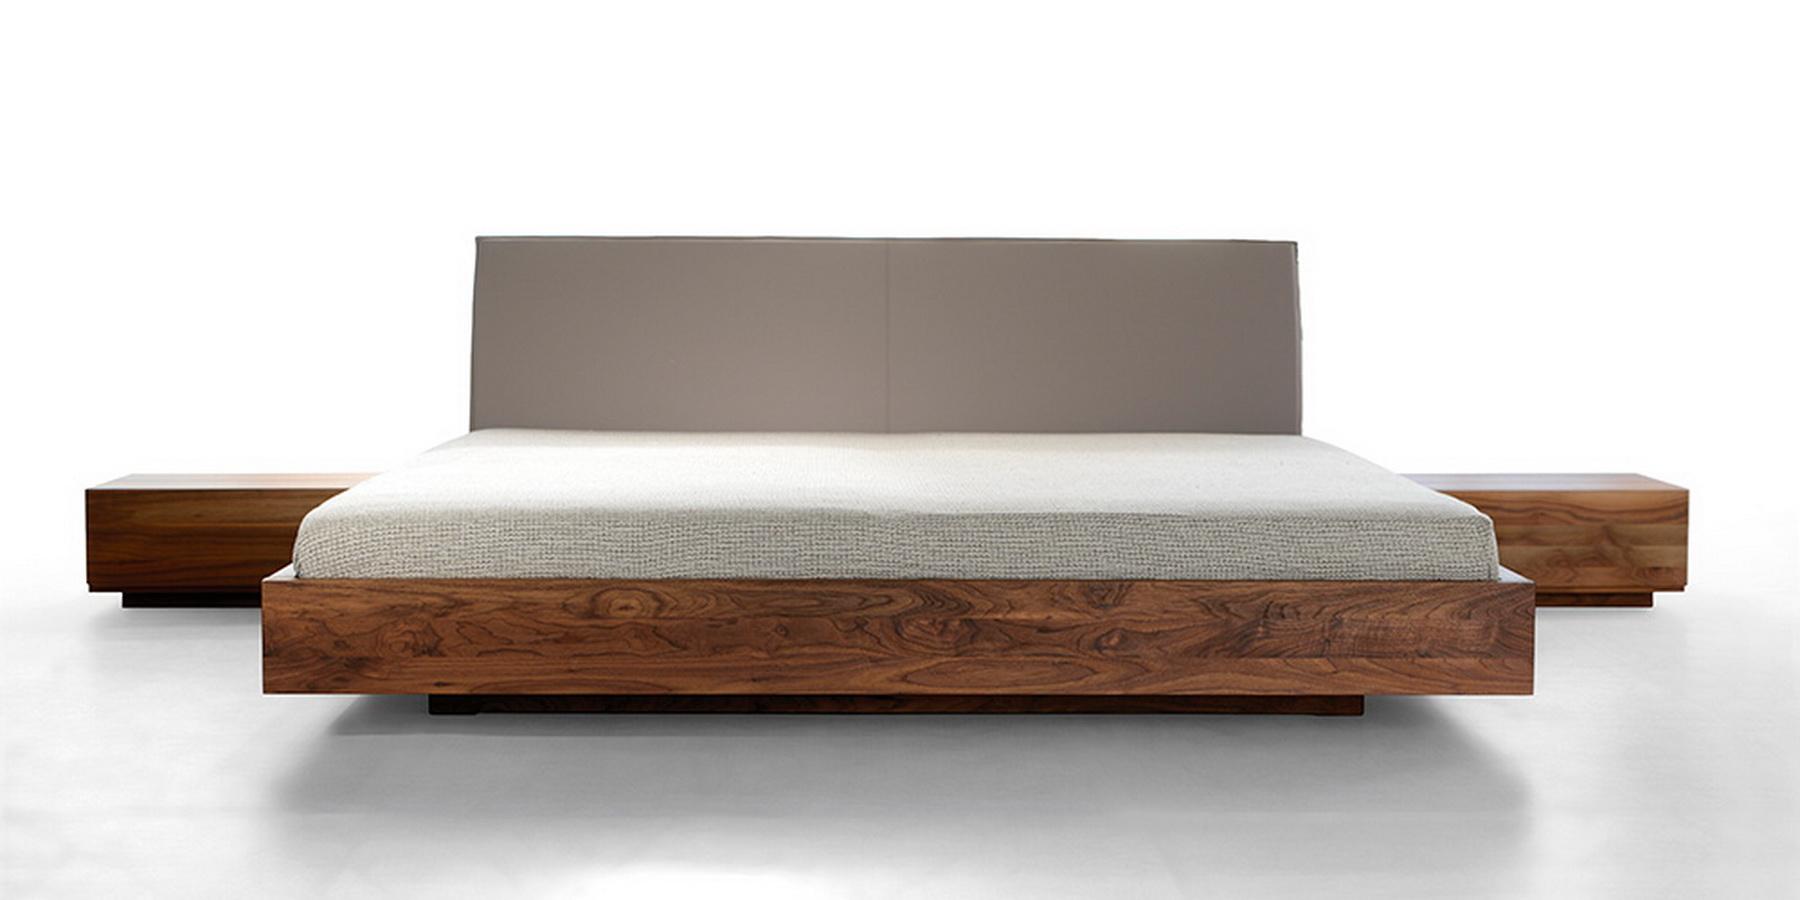 Betten in berlin kissen for Betten berlin